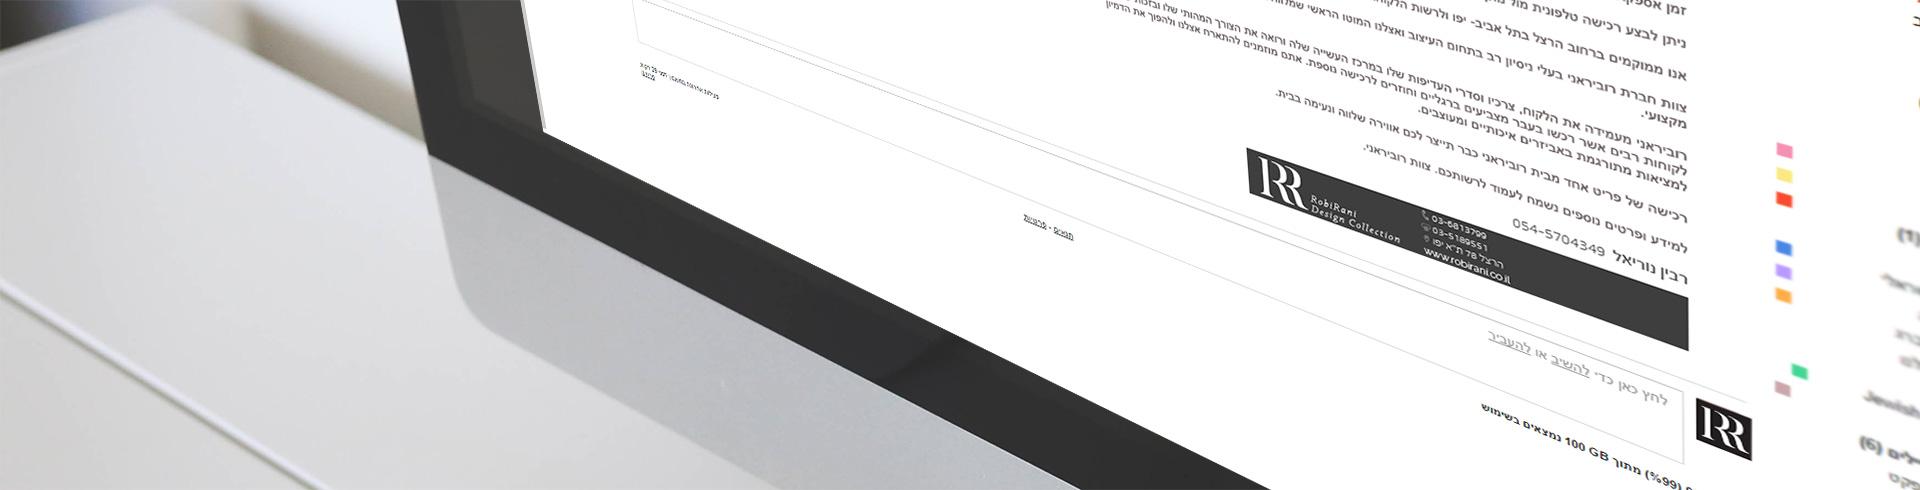 הדמיית עיצוב חתימה רובי ראני